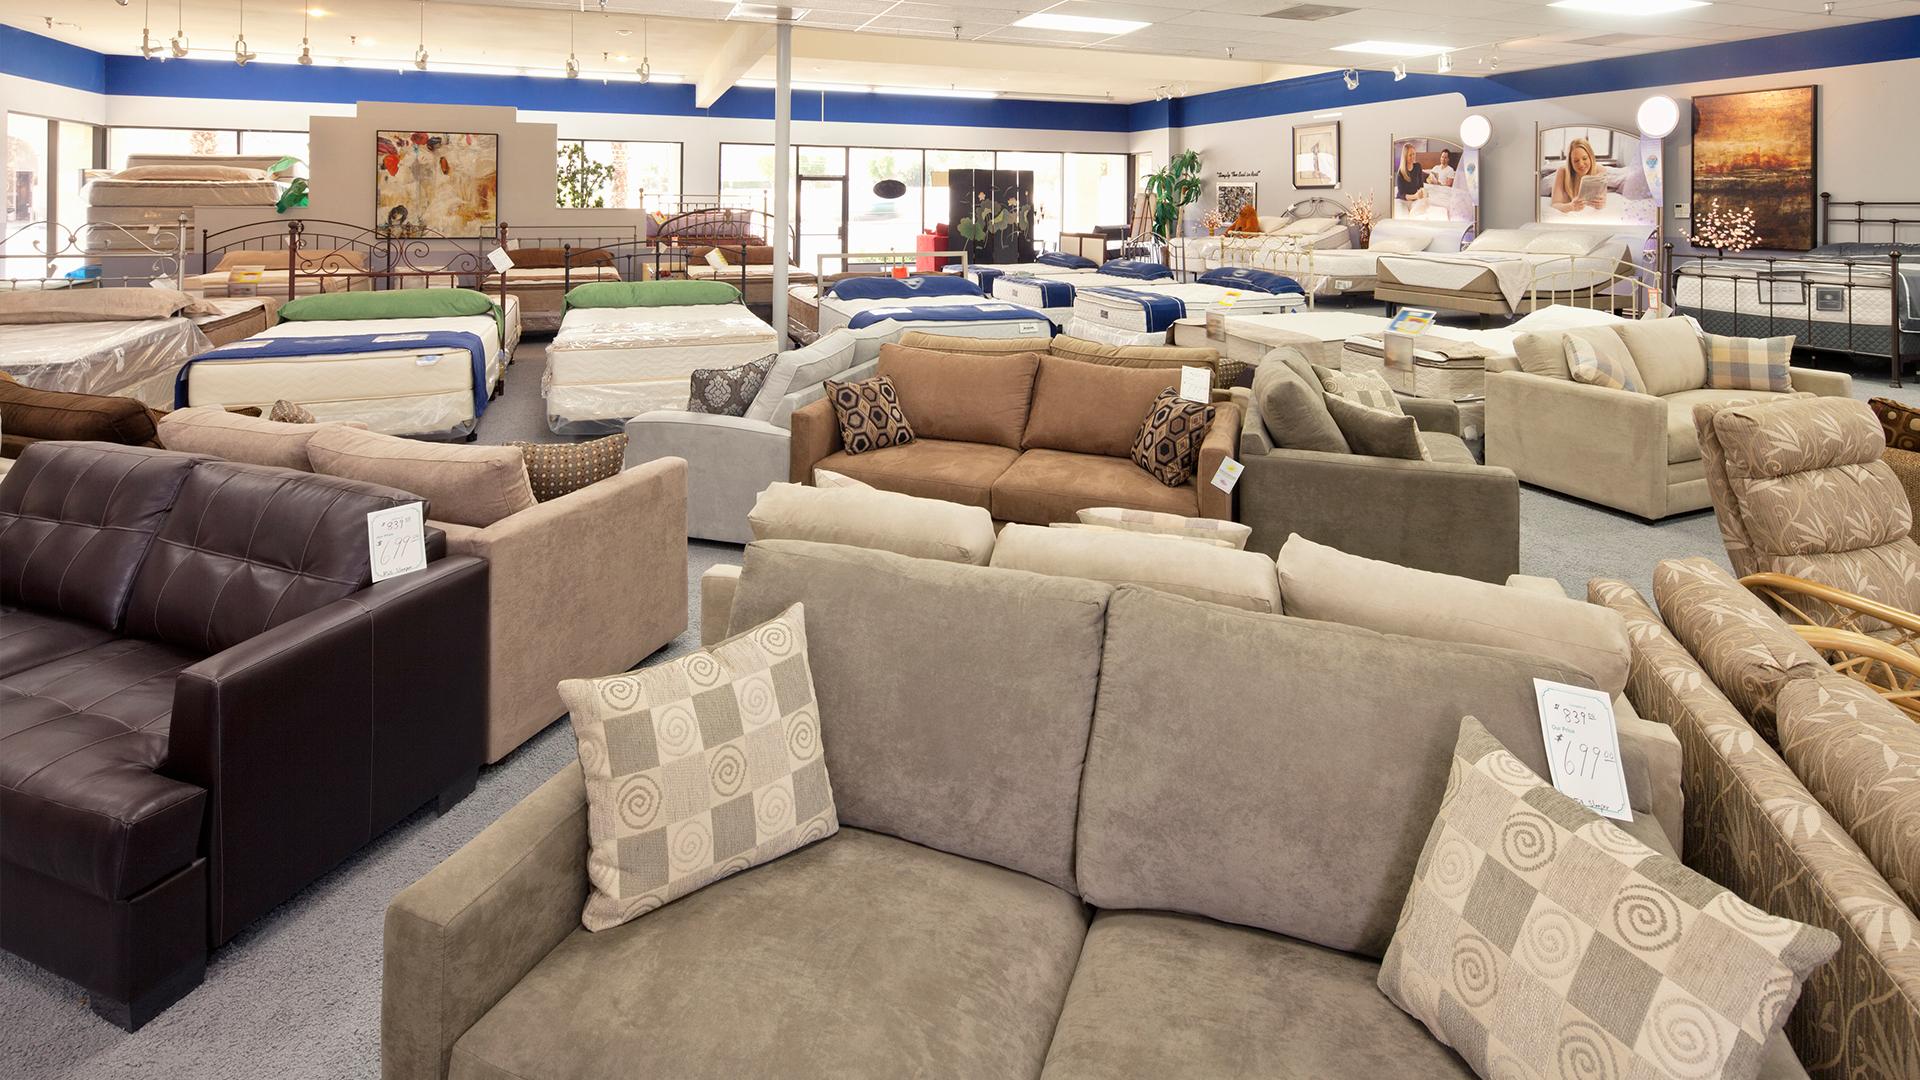 Bill S Discount Center In Bradenton Fl Whitepages